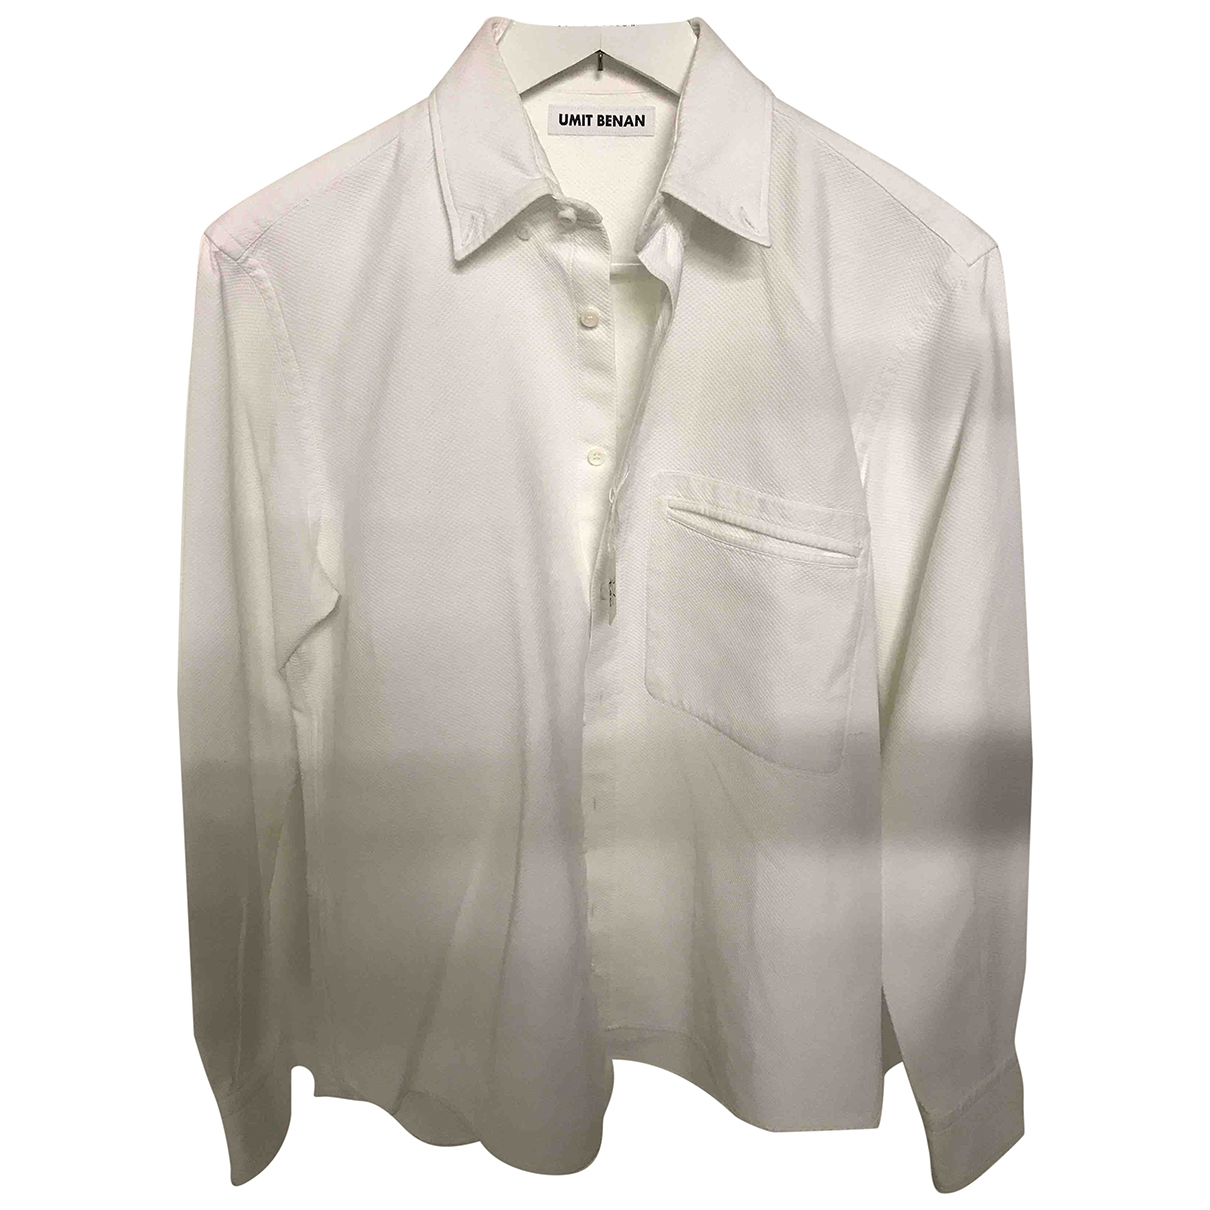 Umit Benan \N White Cotton Shirts for Men S International